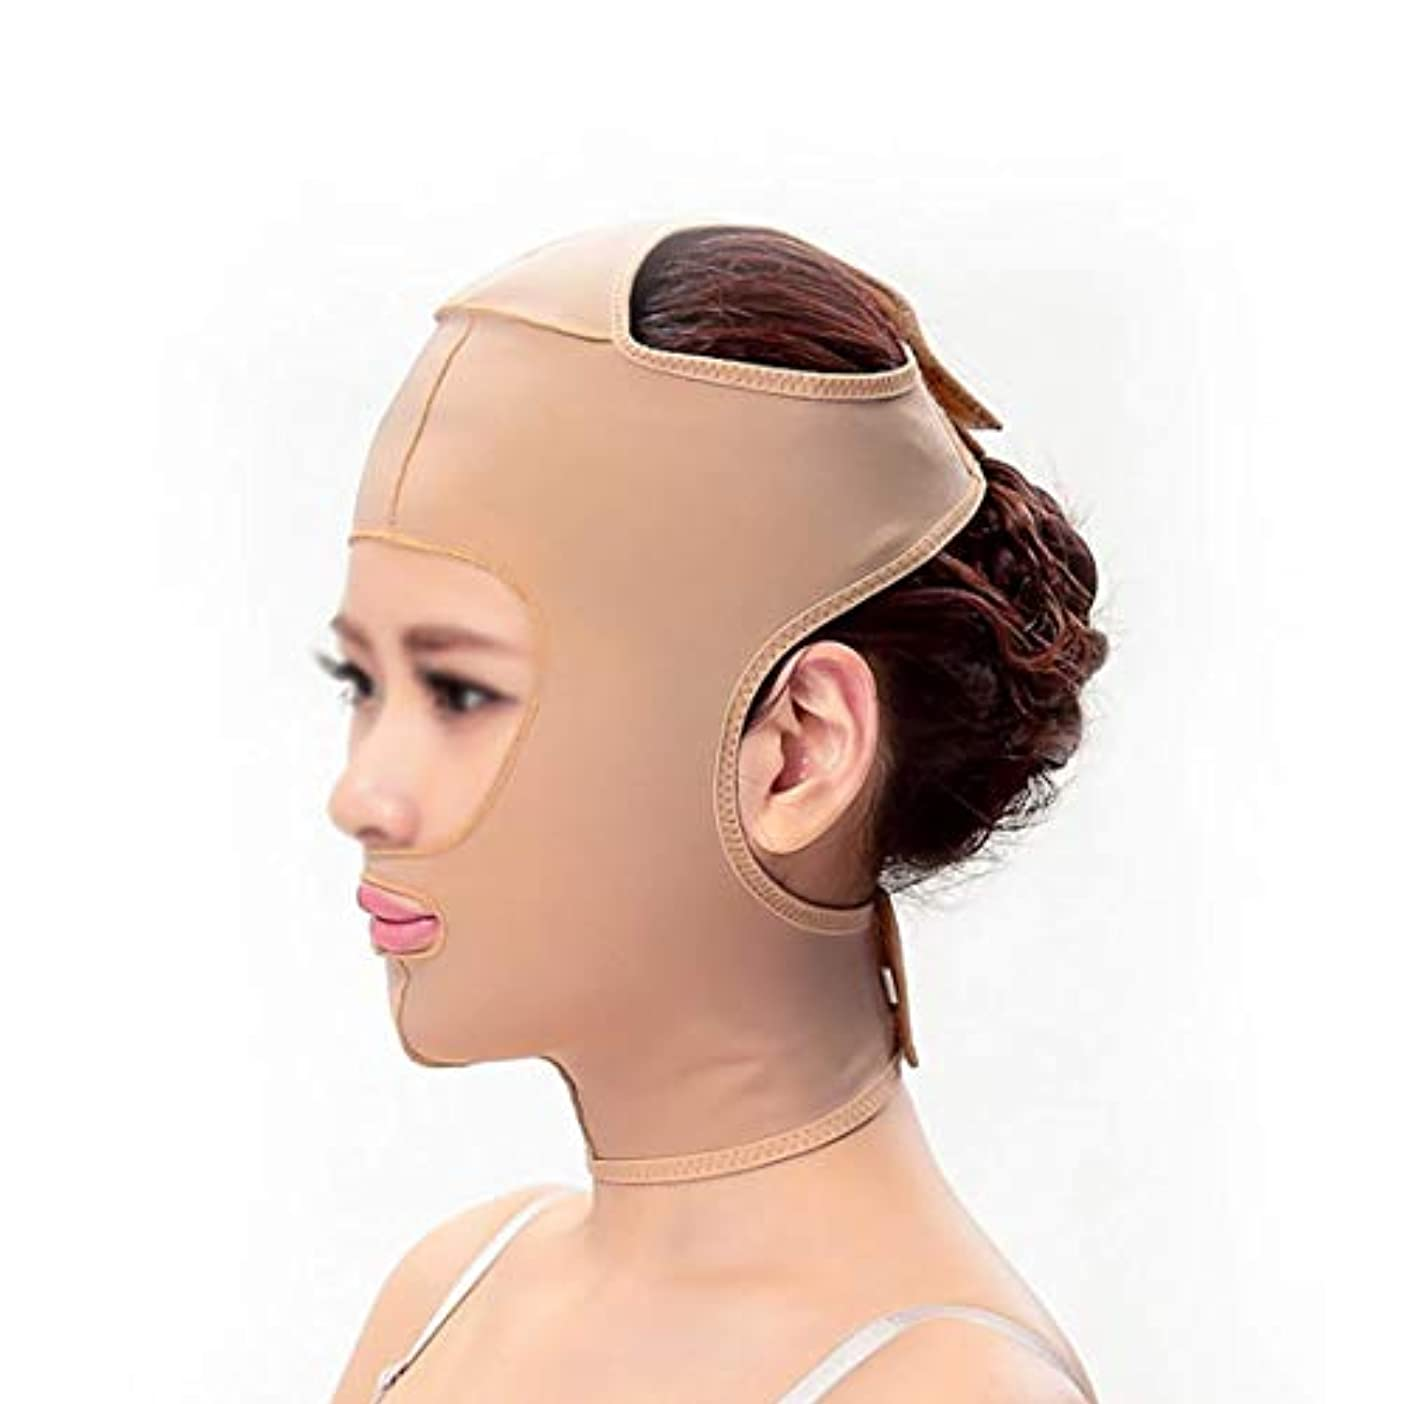 草プラス制約スリミングベルト、二重あごの引き締め顔面プラスチックフェイスアーティファクト強力なフェイスバンデージをサイズアップするために顔面マスクシンフェイスマスク,XXL